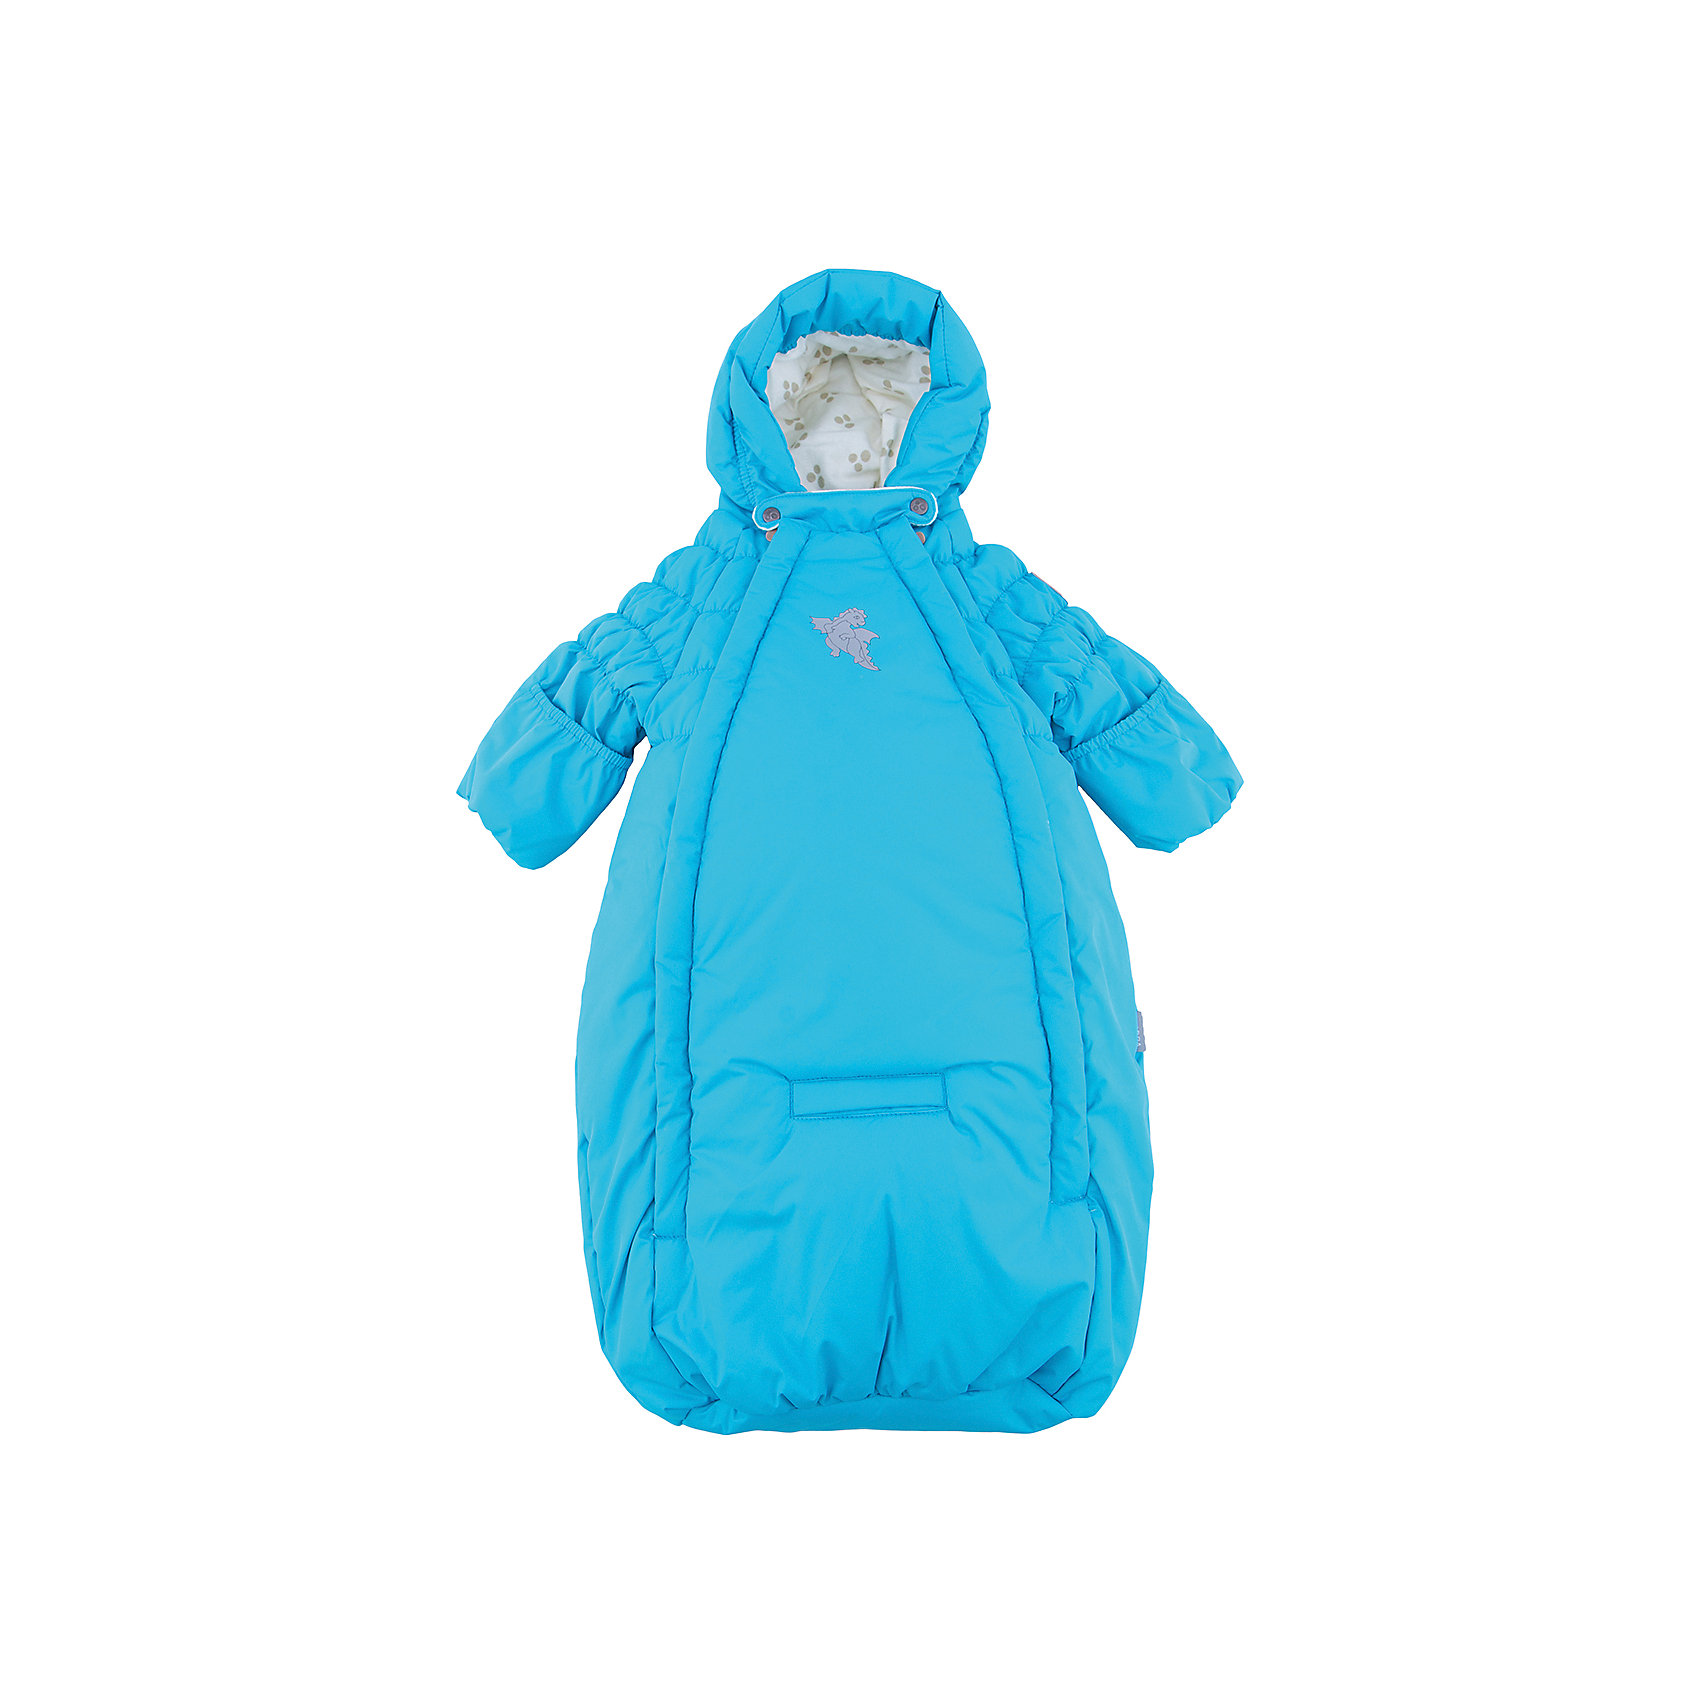 Конверт EDEN HuppaКонверты<br>Характеристики товара:<br><br>• цвет: голубой<br>• ткань: 100% полиэстер<br>• подкладка: фланель - 100% хлопок<br>• утеплитель: 100% полиэстер 120 г<br>• температурный режим: от -7°С до +10°С<br>• водонепроницаемость: 5000 мм<br>• воздухопроницаемость: 5000 мм<br>• светоотражающие детали<br>• мягкая подкладка<br>• капюшон с резинкой<br>• капюшон не отстёгивается<br>• манжеты с отворотом<br>• молния с двух сторон<br>• коллекция: весна-лето 2017<br>• страна бренда: Эстония<br><br>Этот удобный конверт обеспечит детям тепло и комфорт. Он сделан из материала, отталкивающего воду, и дополнен подкладкой с утеплителем, поэтому изделие идеально подходит для межсезонья. Материал изделия - с мембранной технологией: защищая от влаги и ветра, он легко выводит лишнюю влагу наружу. Конверт очень симпатично смотрится. <br><br>Одежда и обувь от популярного эстонского бренда Huppa - отличный вариант одеть ребенка можно и комфортно. Вещи, выпускаемые компанией, качественные, продуманные и очень удобные. Для производства изделий используются только безопасные для детей материалы. Продукция от Huppa порадует и детей, и их родителей!<br><br>Конверт EDEN от бренда Huppa (Хуппа) можно купить в нашем интернет-магазине.<br><br>Ширина мм: 157<br>Глубина мм: 13<br>Высота мм: 119<br>Вес г: 200<br>Цвет: голубой<br>Возраст от месяцев: 3<br>Возраст до месяцев: 6<br>Пол: Мужской<br>Возраст: Детский<br>Размер: 68,62<br>SKU: 5346419